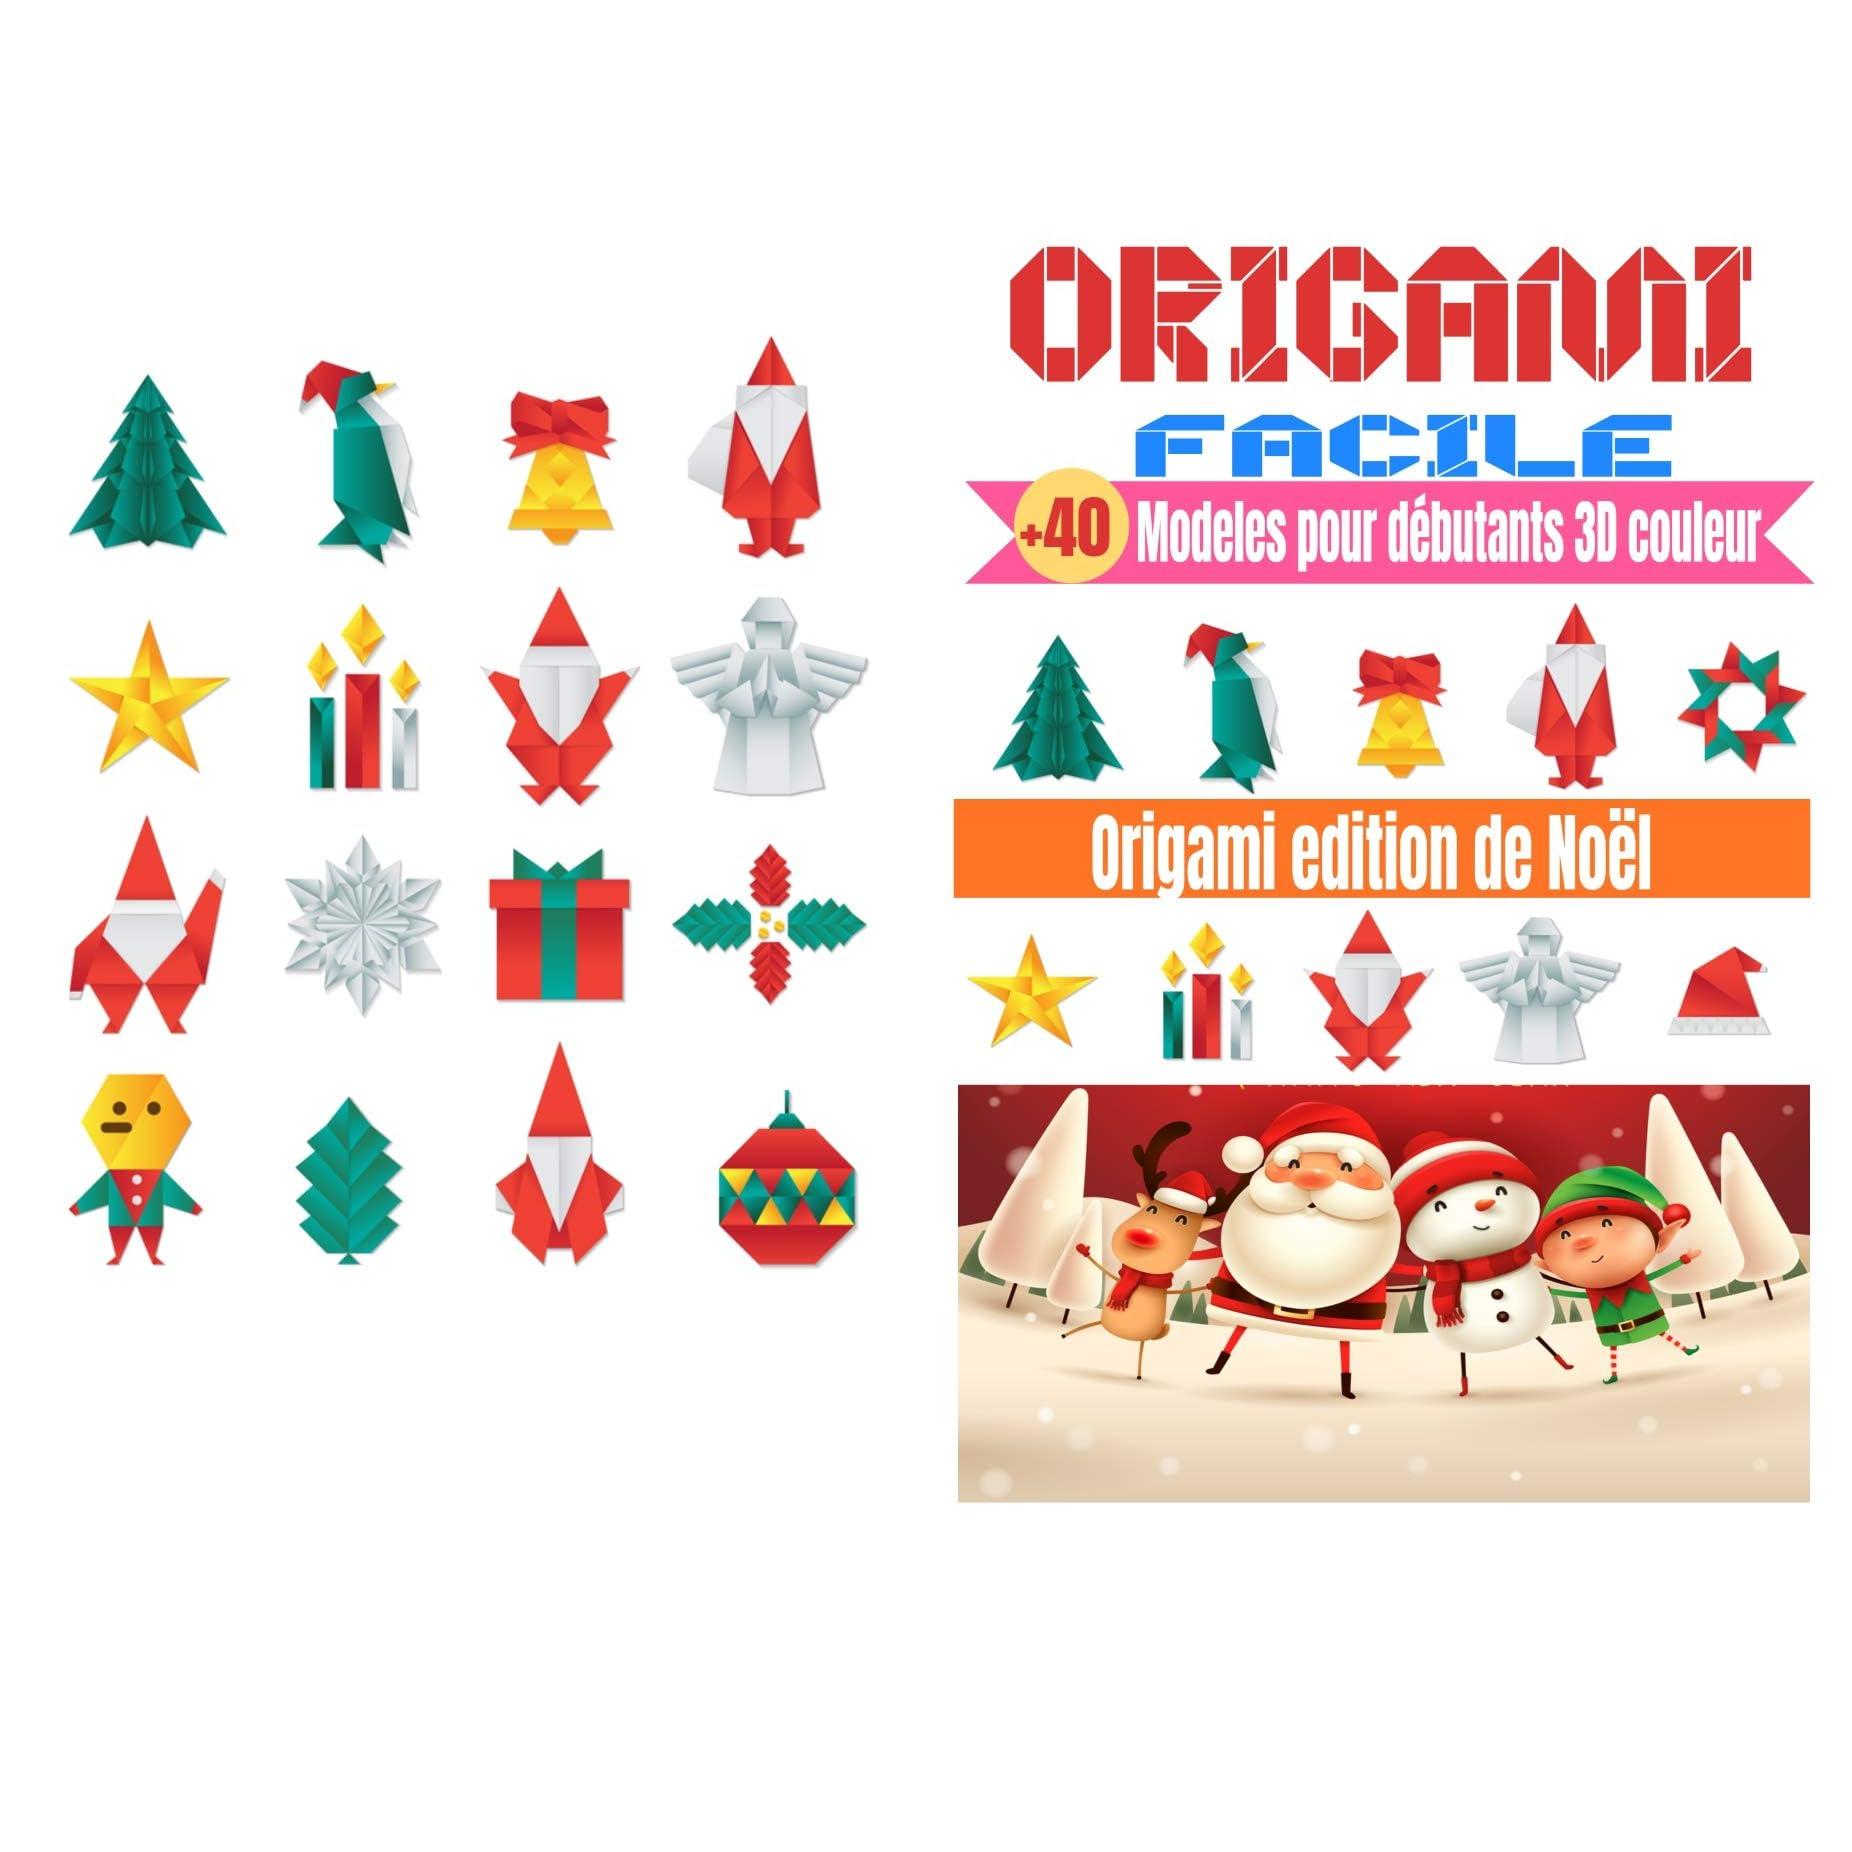 Origami Facile 40 Modeles Pour Debutants 3d Couleur Edition Noel Origami Facile Enfant Origami Animaux 3d Ideal Pour Cadeau By Mes Petits Origami